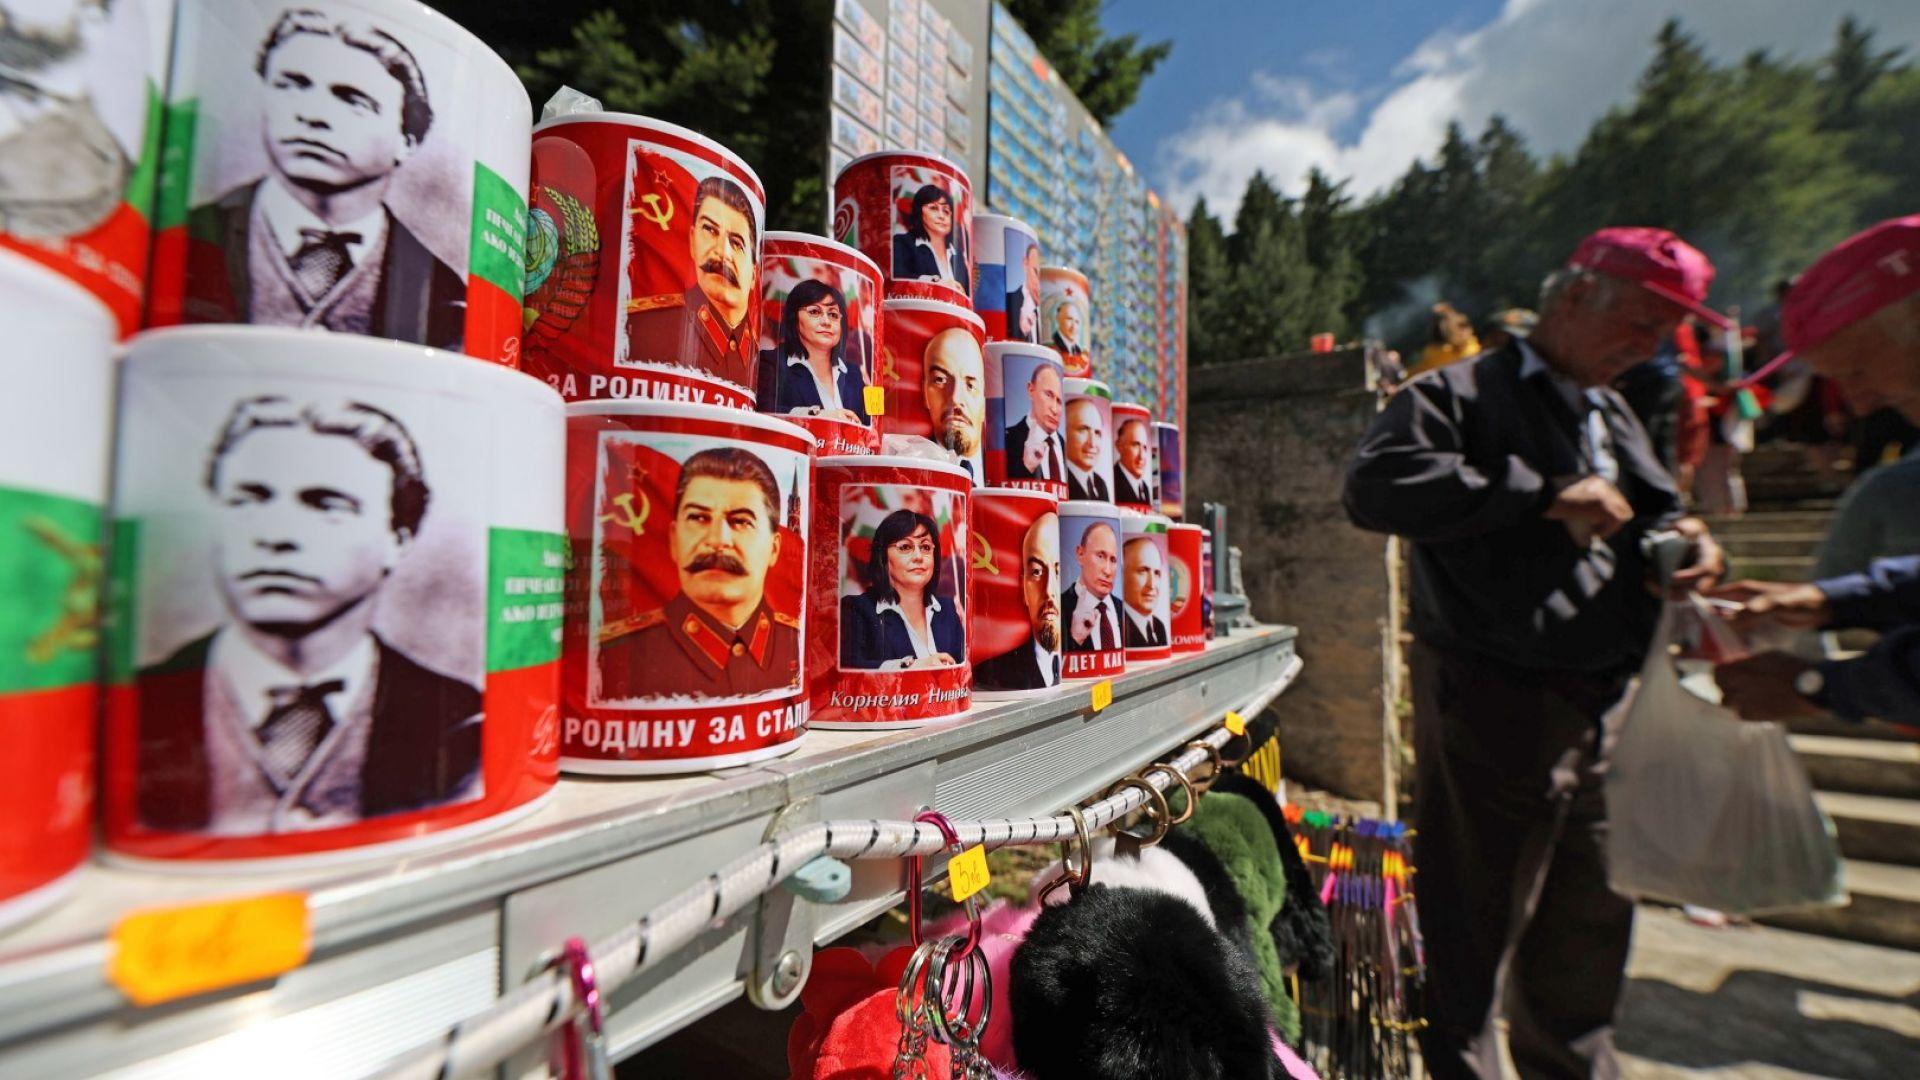 Корнелия Нинова, редом с Левски и Сталин, Путин и Ленин, и Тодор Живков, на чаши за кафе и чай, предлагани на събора